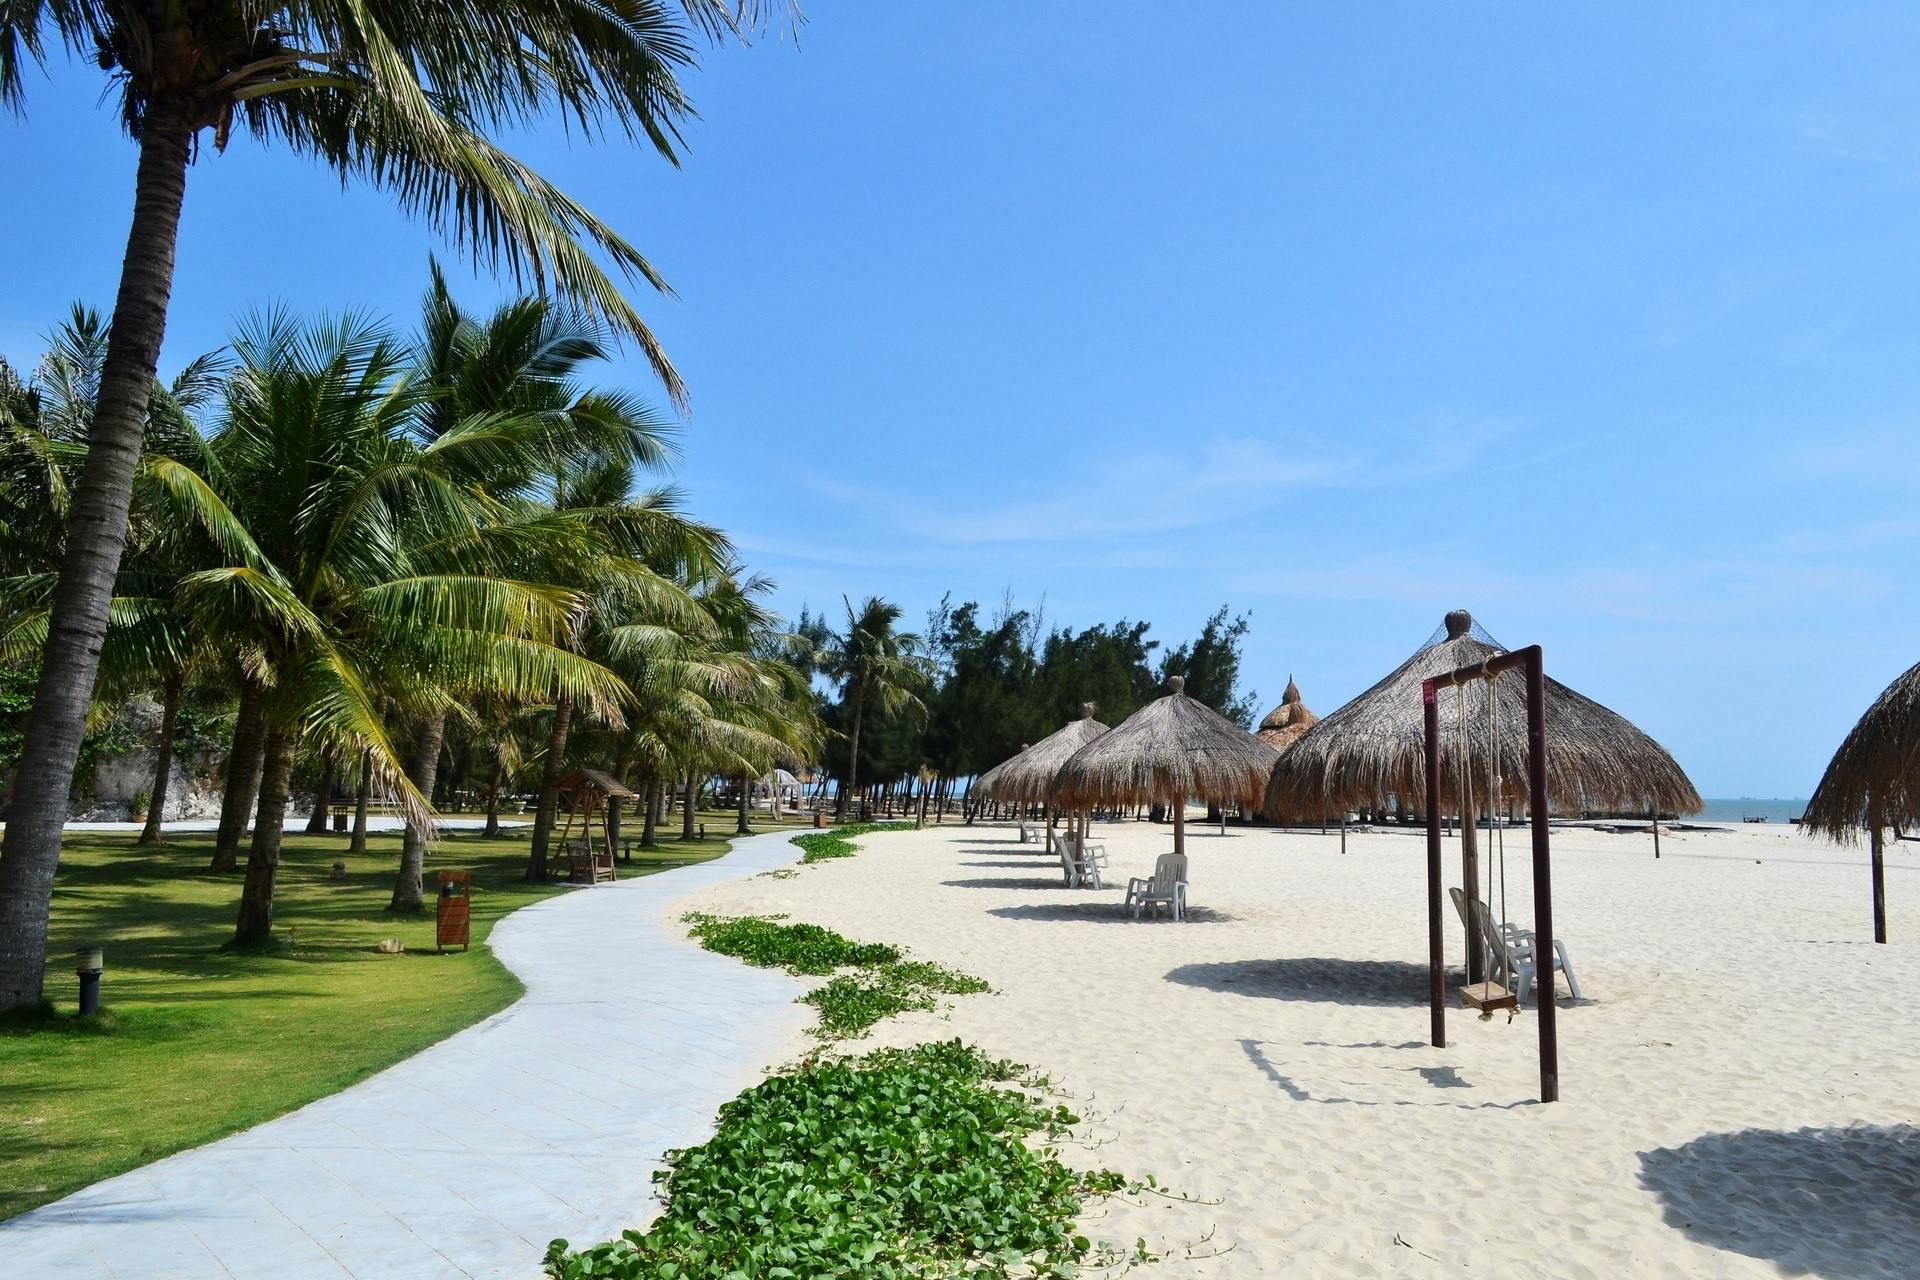 海悦度假村_住宿:沙扒镇上有许多度假屋可供选择,如碧海蓝天度假村,海悦假日酒店